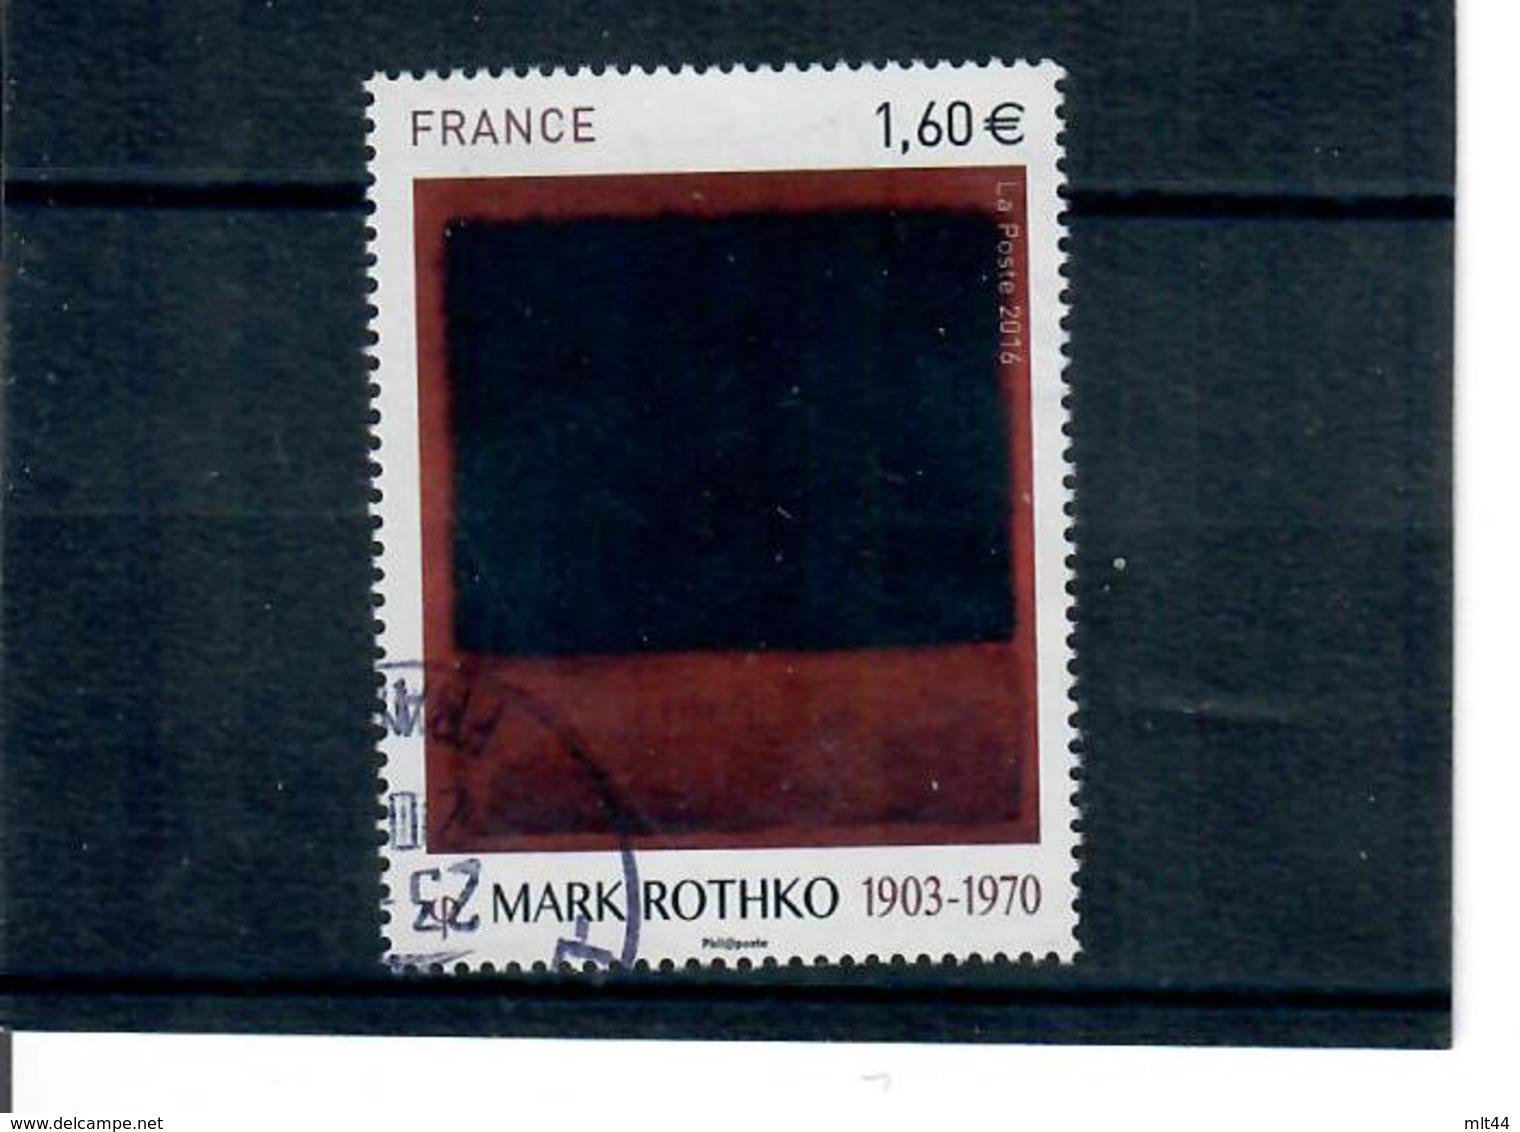 Yt 5030 Serie Artistique Mark Rothko Cachet Rond - France